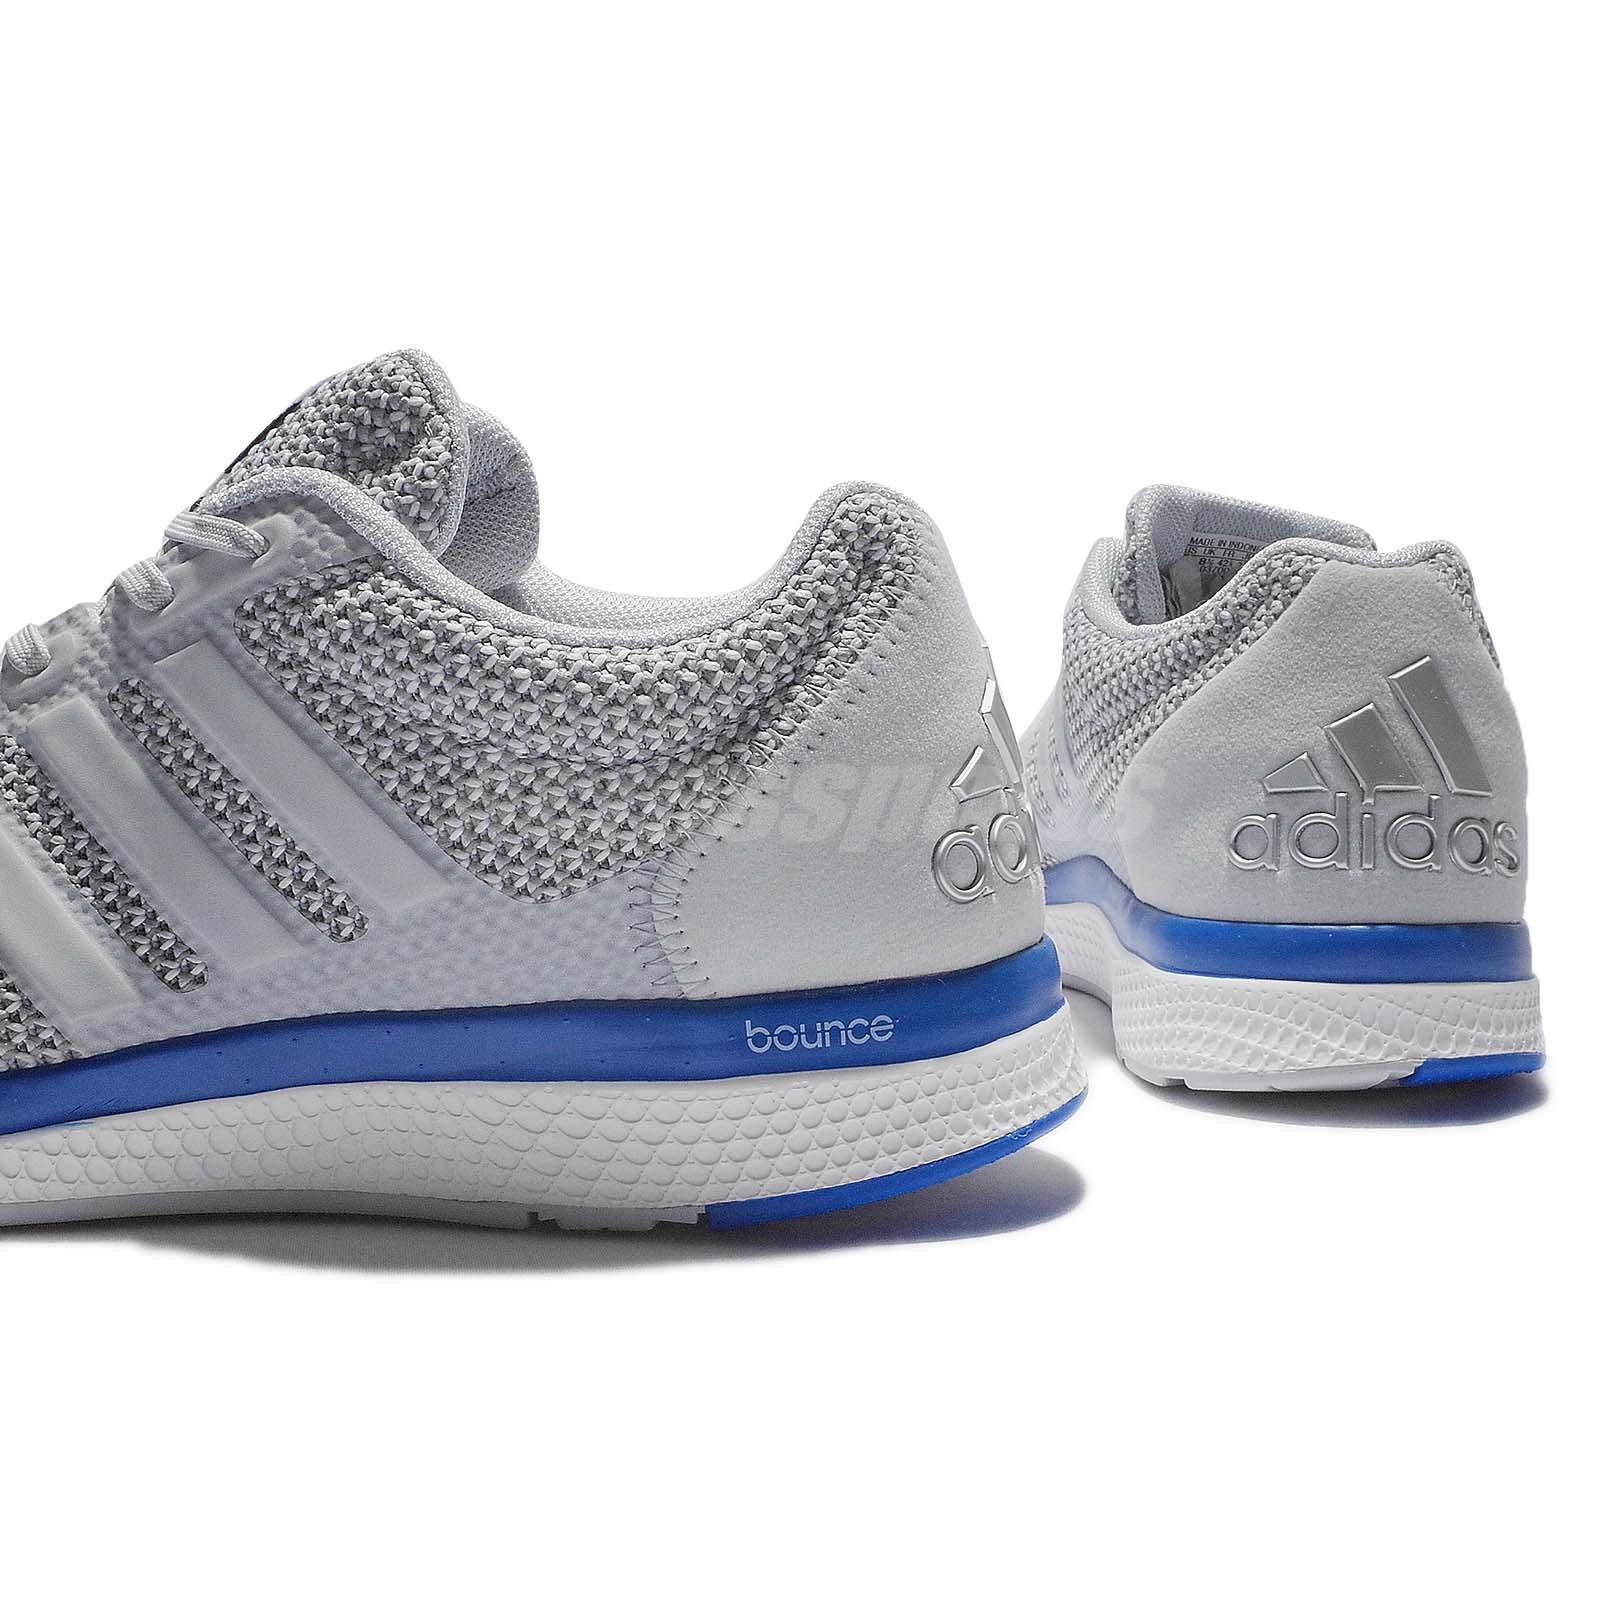 les nouvelles photobc adidas aerobouncounce aerobouncounce adidas bleu blanc 37a1e9